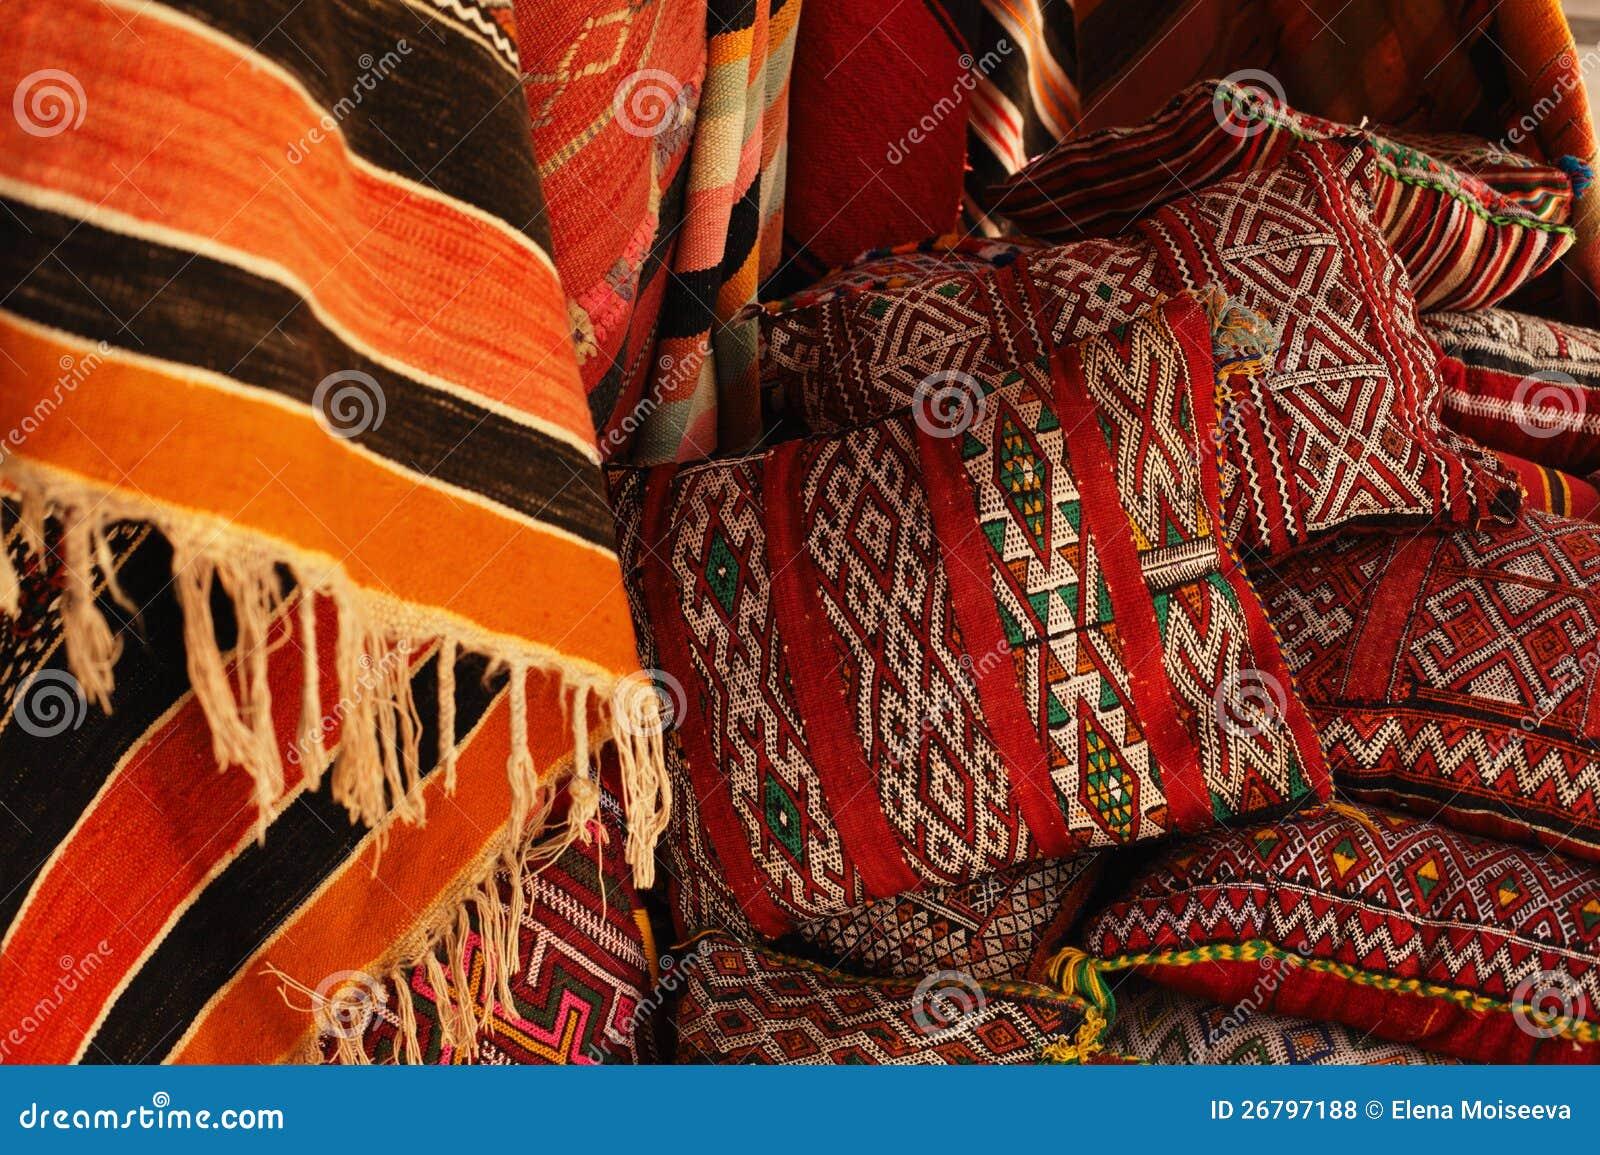 marokkaanse kussens in een straatwinkel royaltyvrije